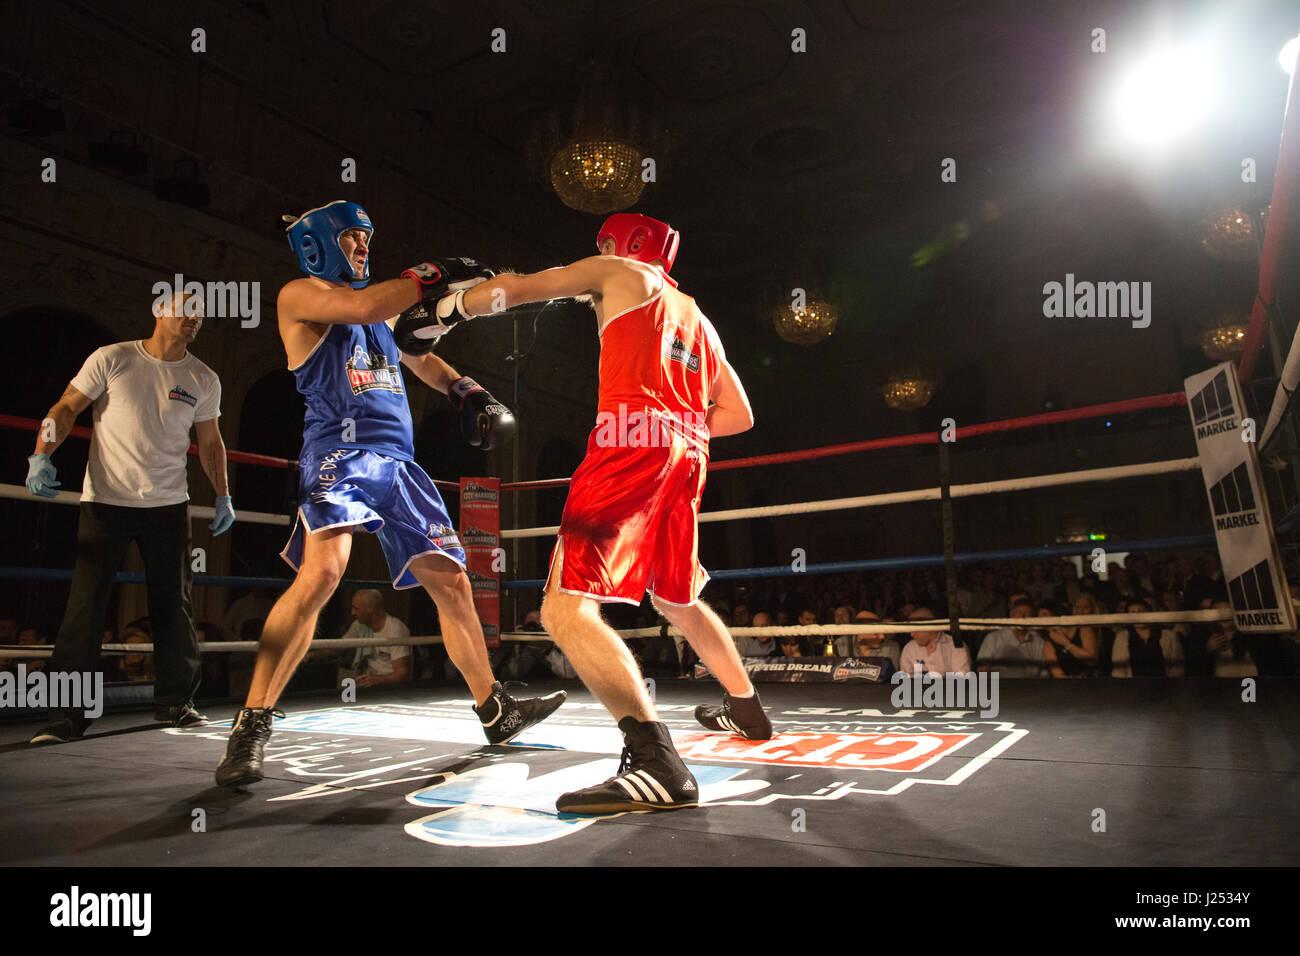 Collare bianco Fight Club, bianco-fascicolare il pugilato evento a Stratford Municipio organizzato da basato a Londra Immagini Stock